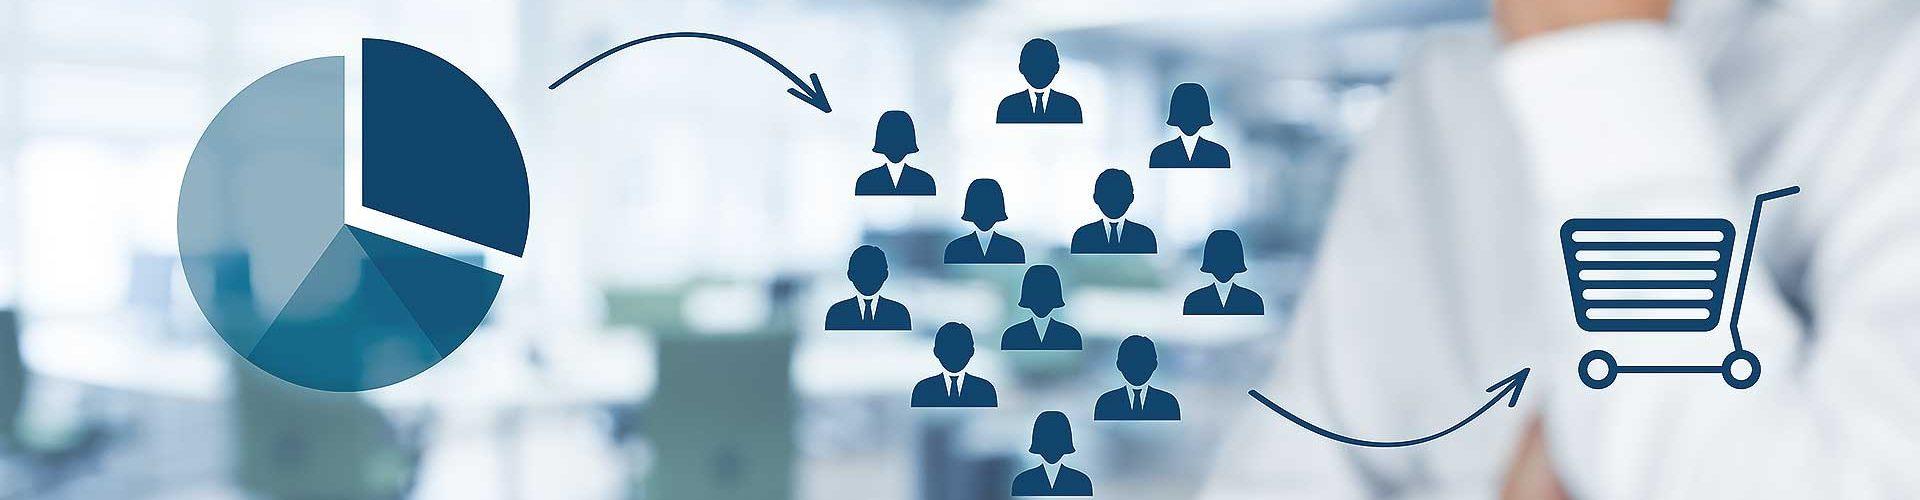 Markedsføringsplan er grundlag for en perfekt implementering af markedsføringen